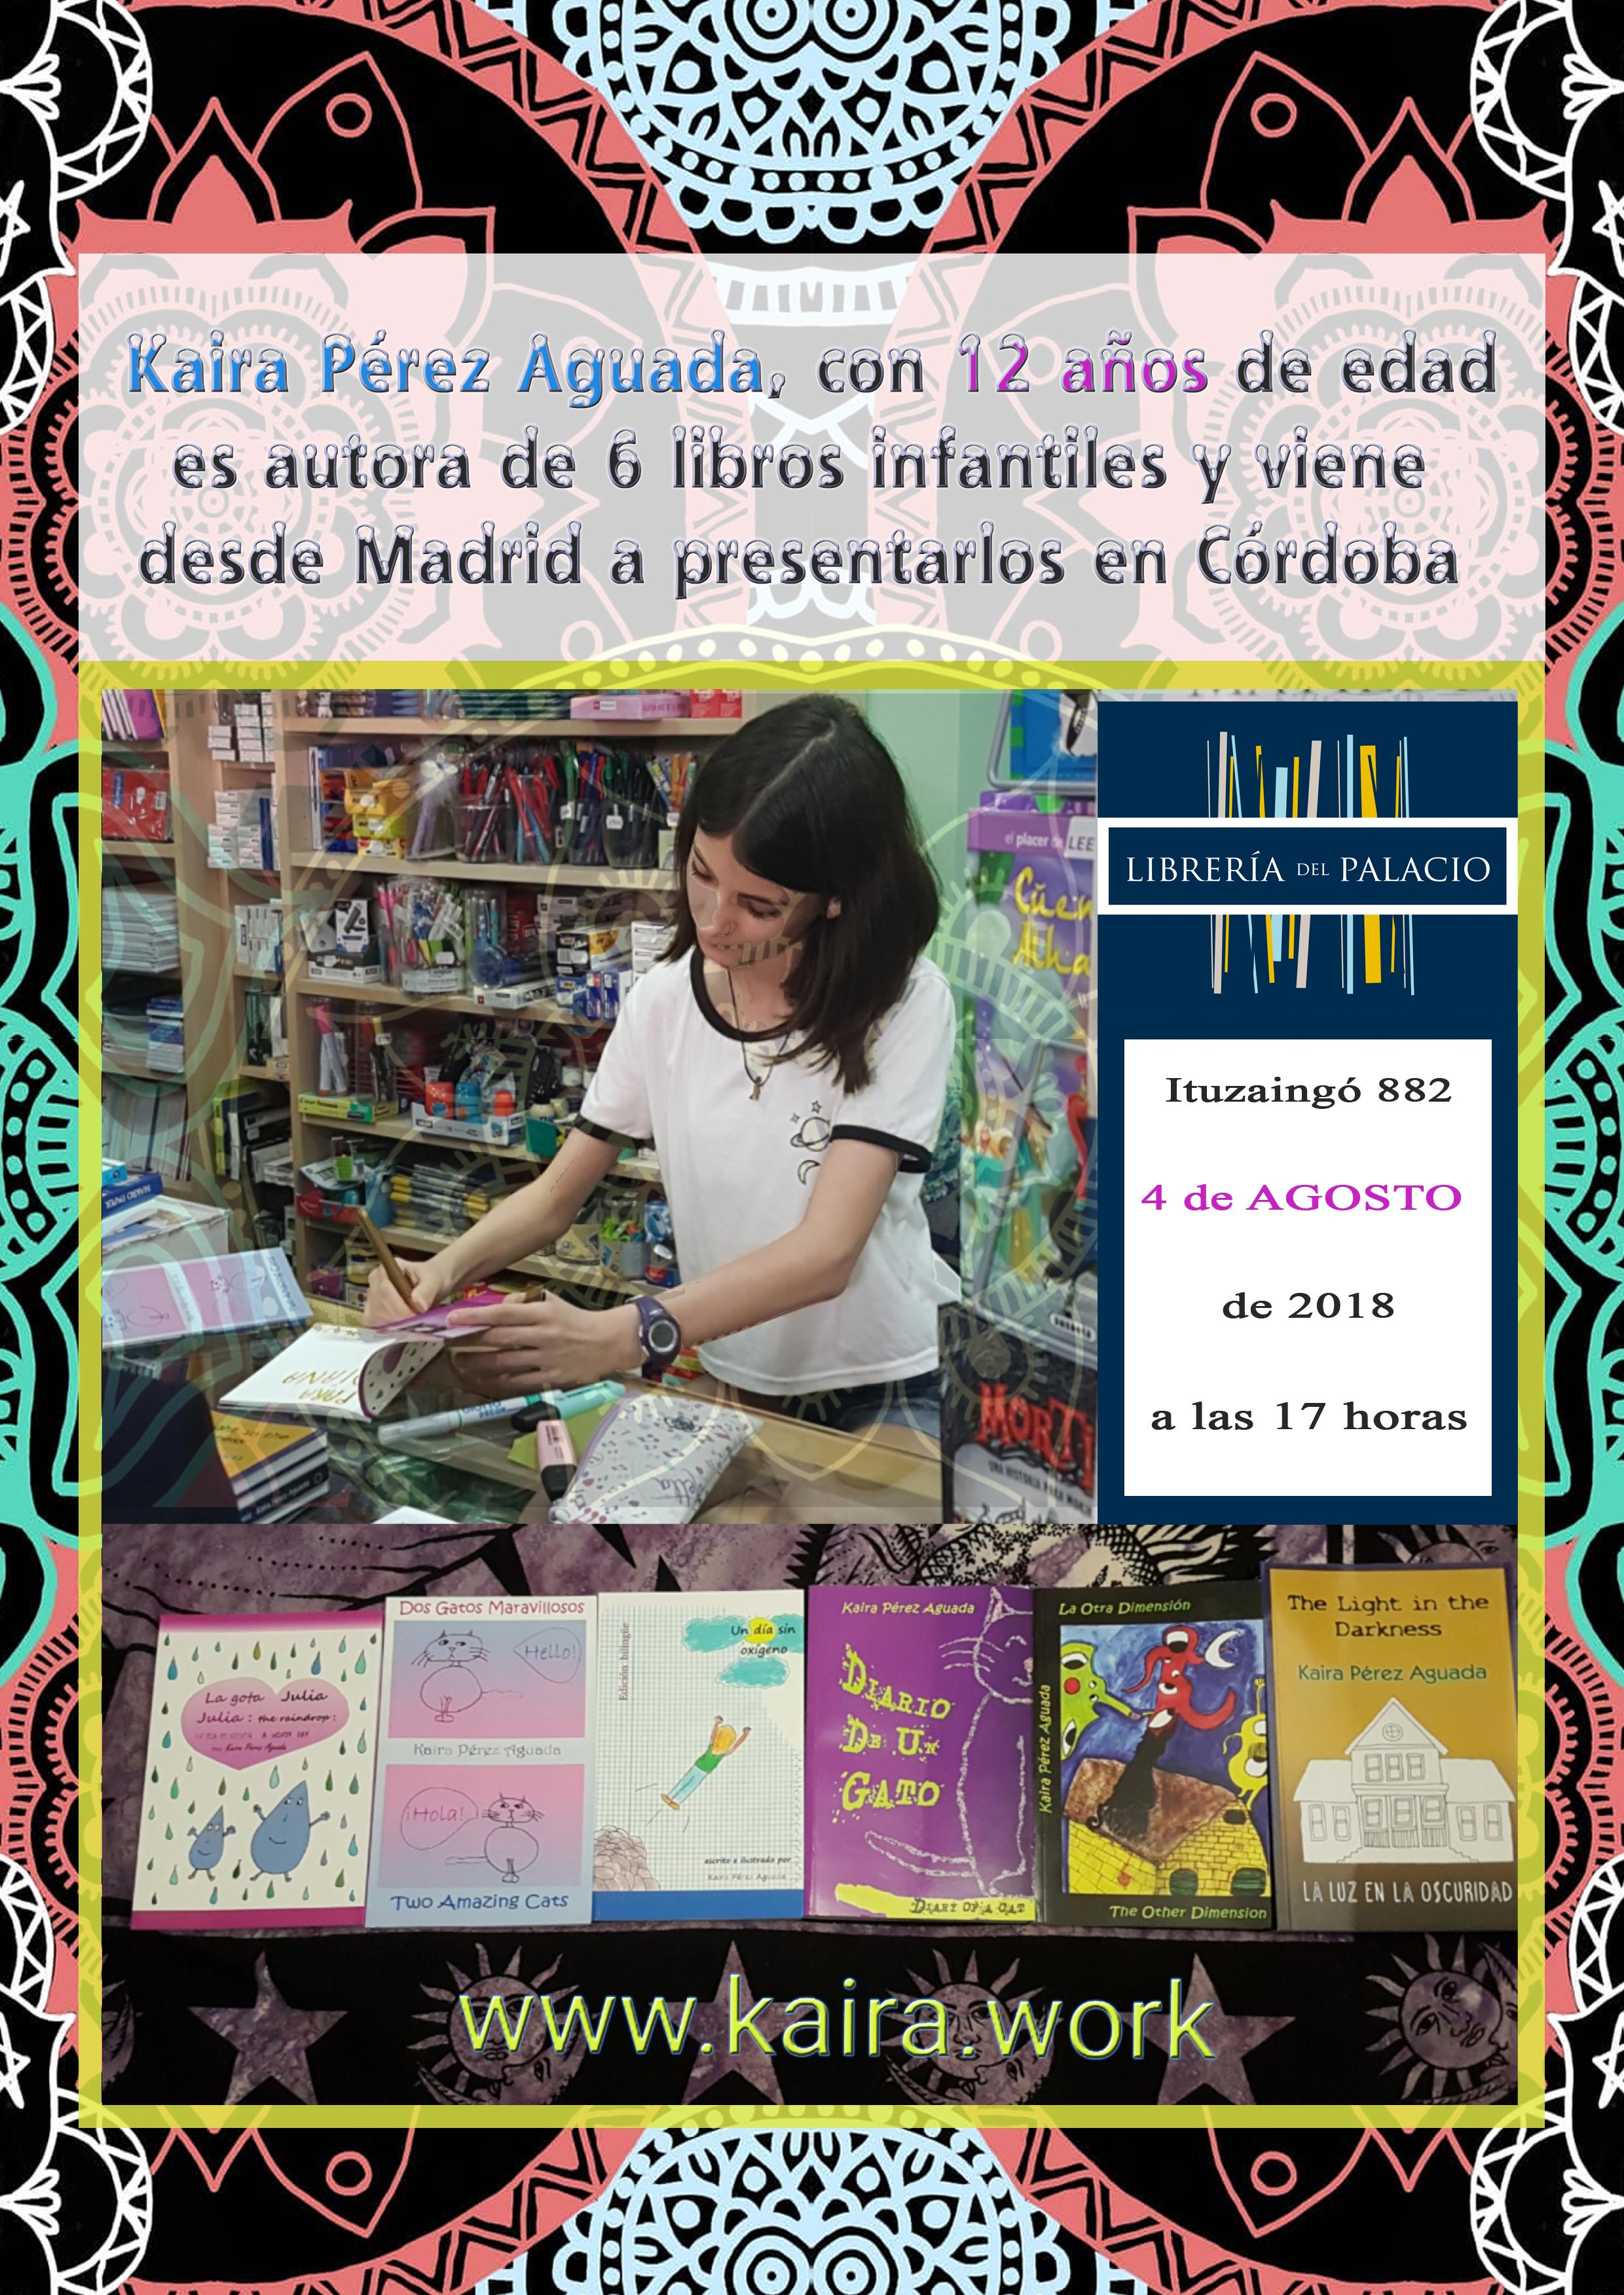 kaira_libreria_palacio